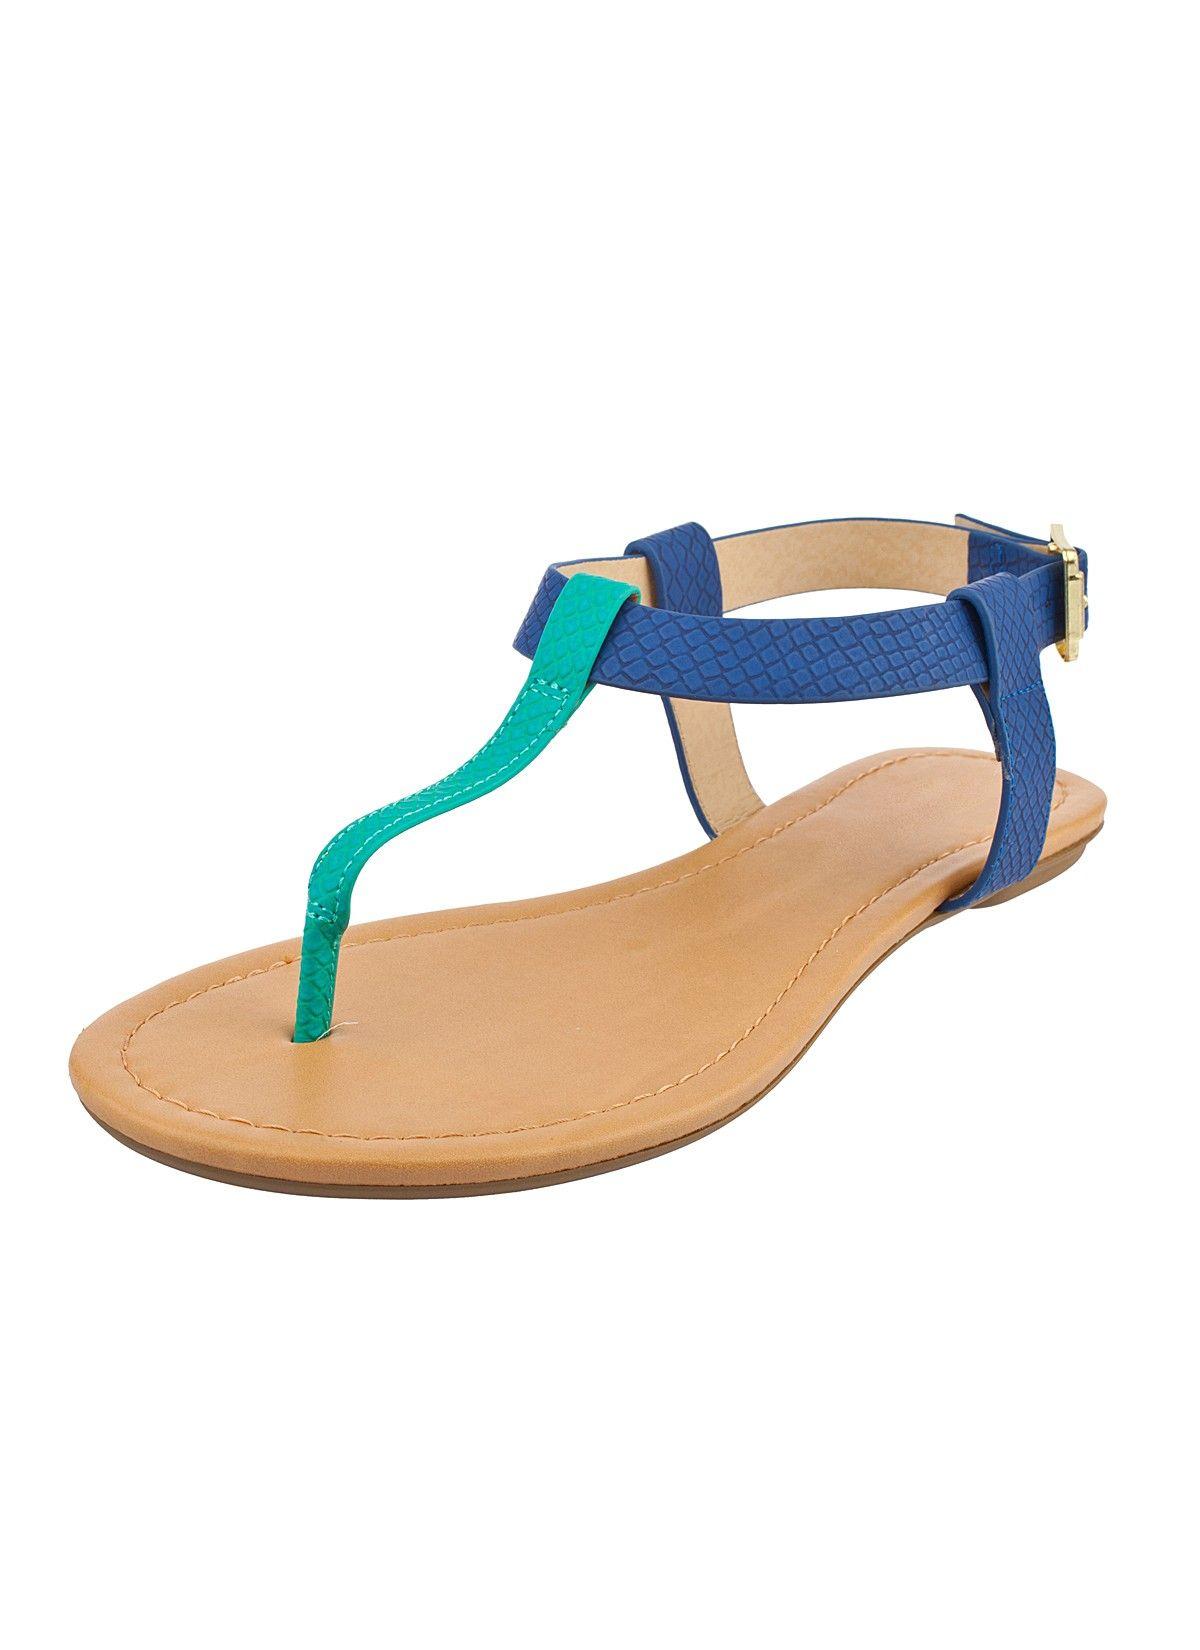 Shop Prima Donna - Sorrel Snakeskin Sandals Cobalt/Turquoise at Prima donna